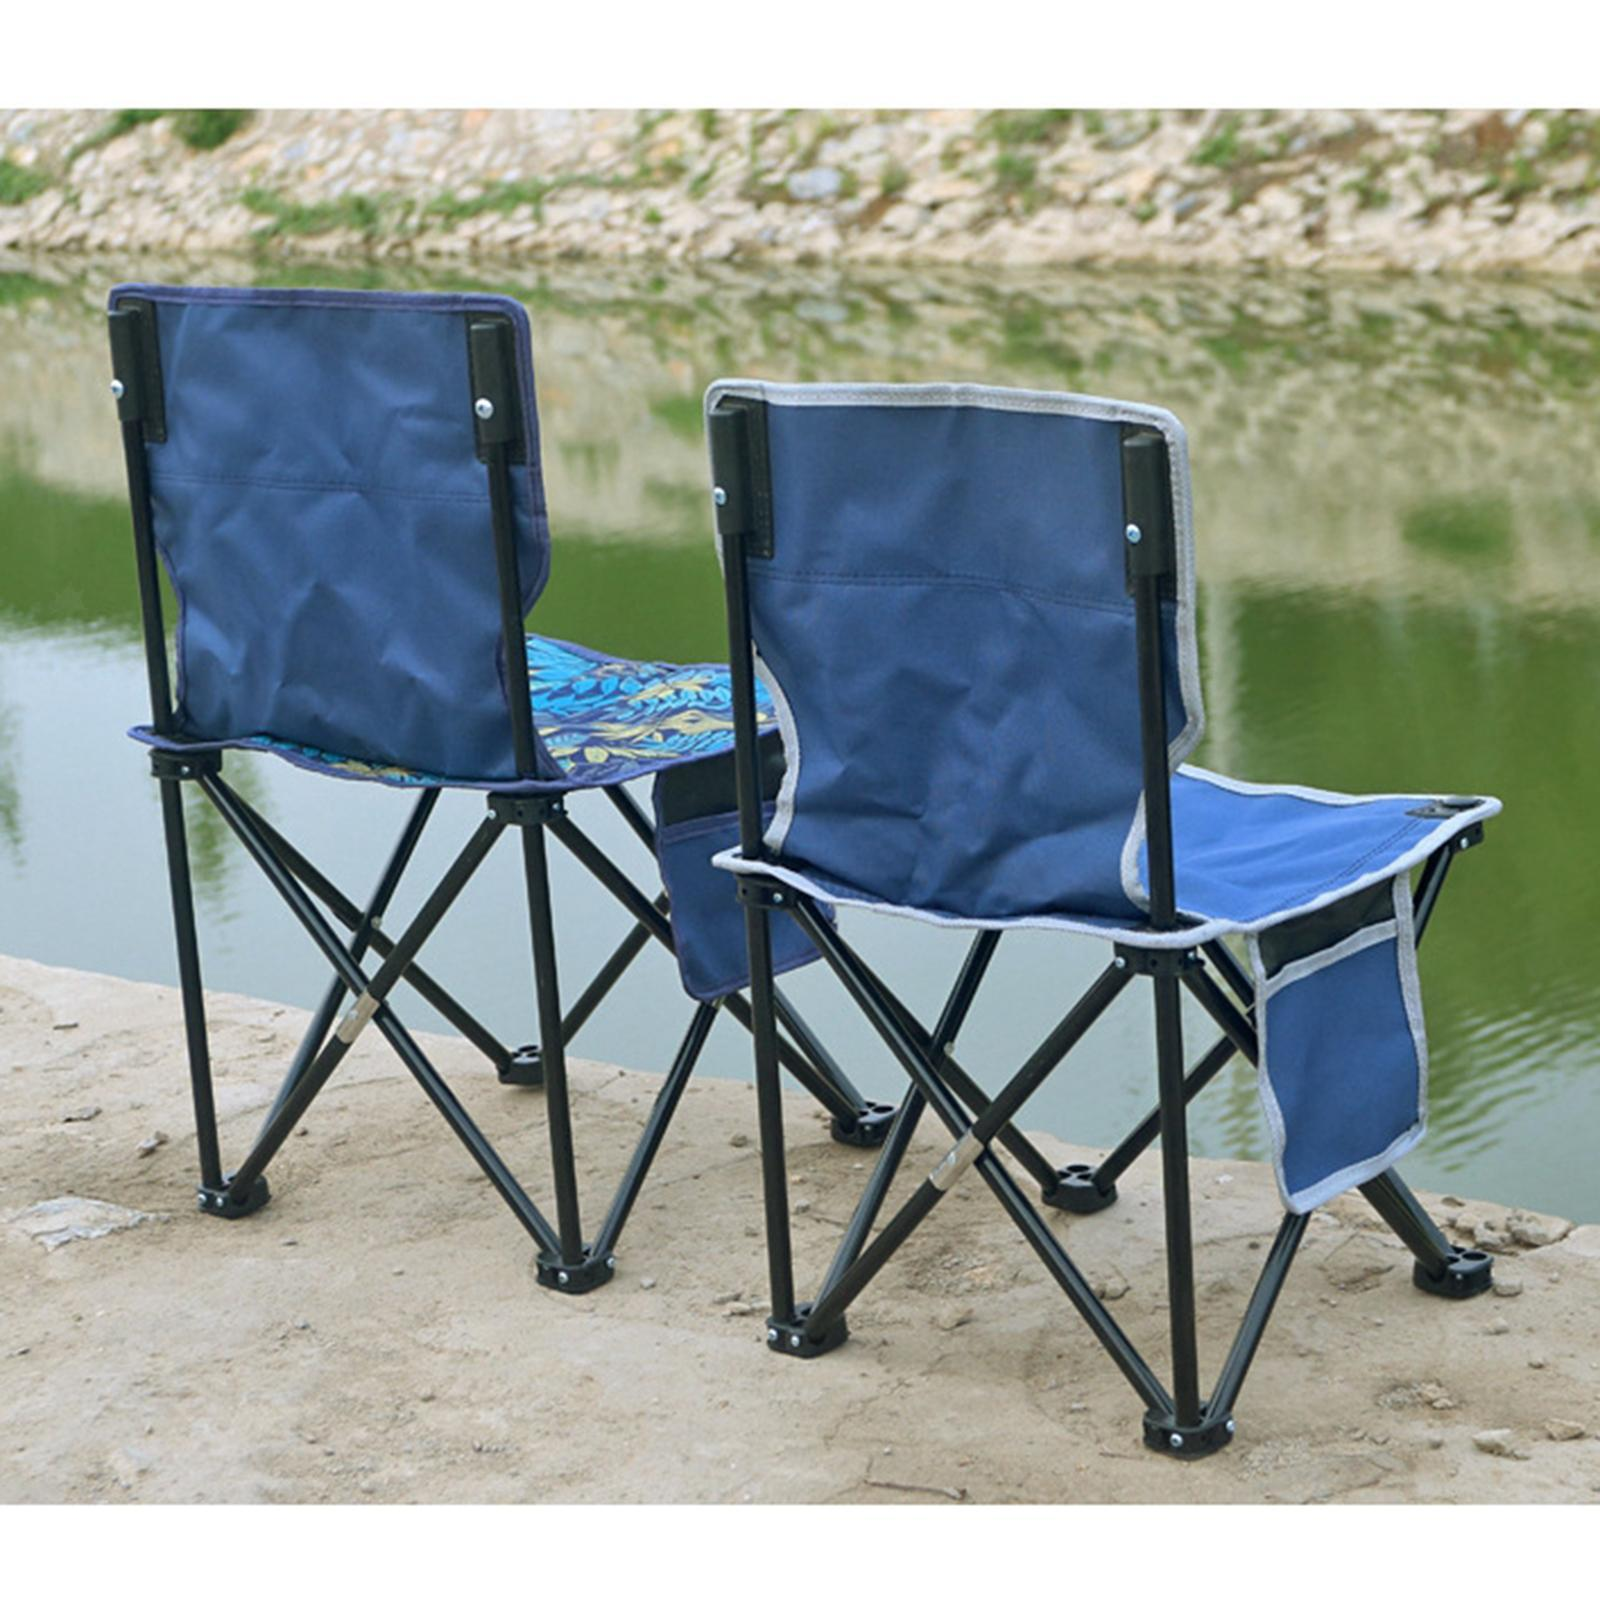 miniatura 18 - Sedia-da-campeggio-pieghevole-Sedia-da-spiaggia-Sgabello-da-pesca-Picnic-Outdoor